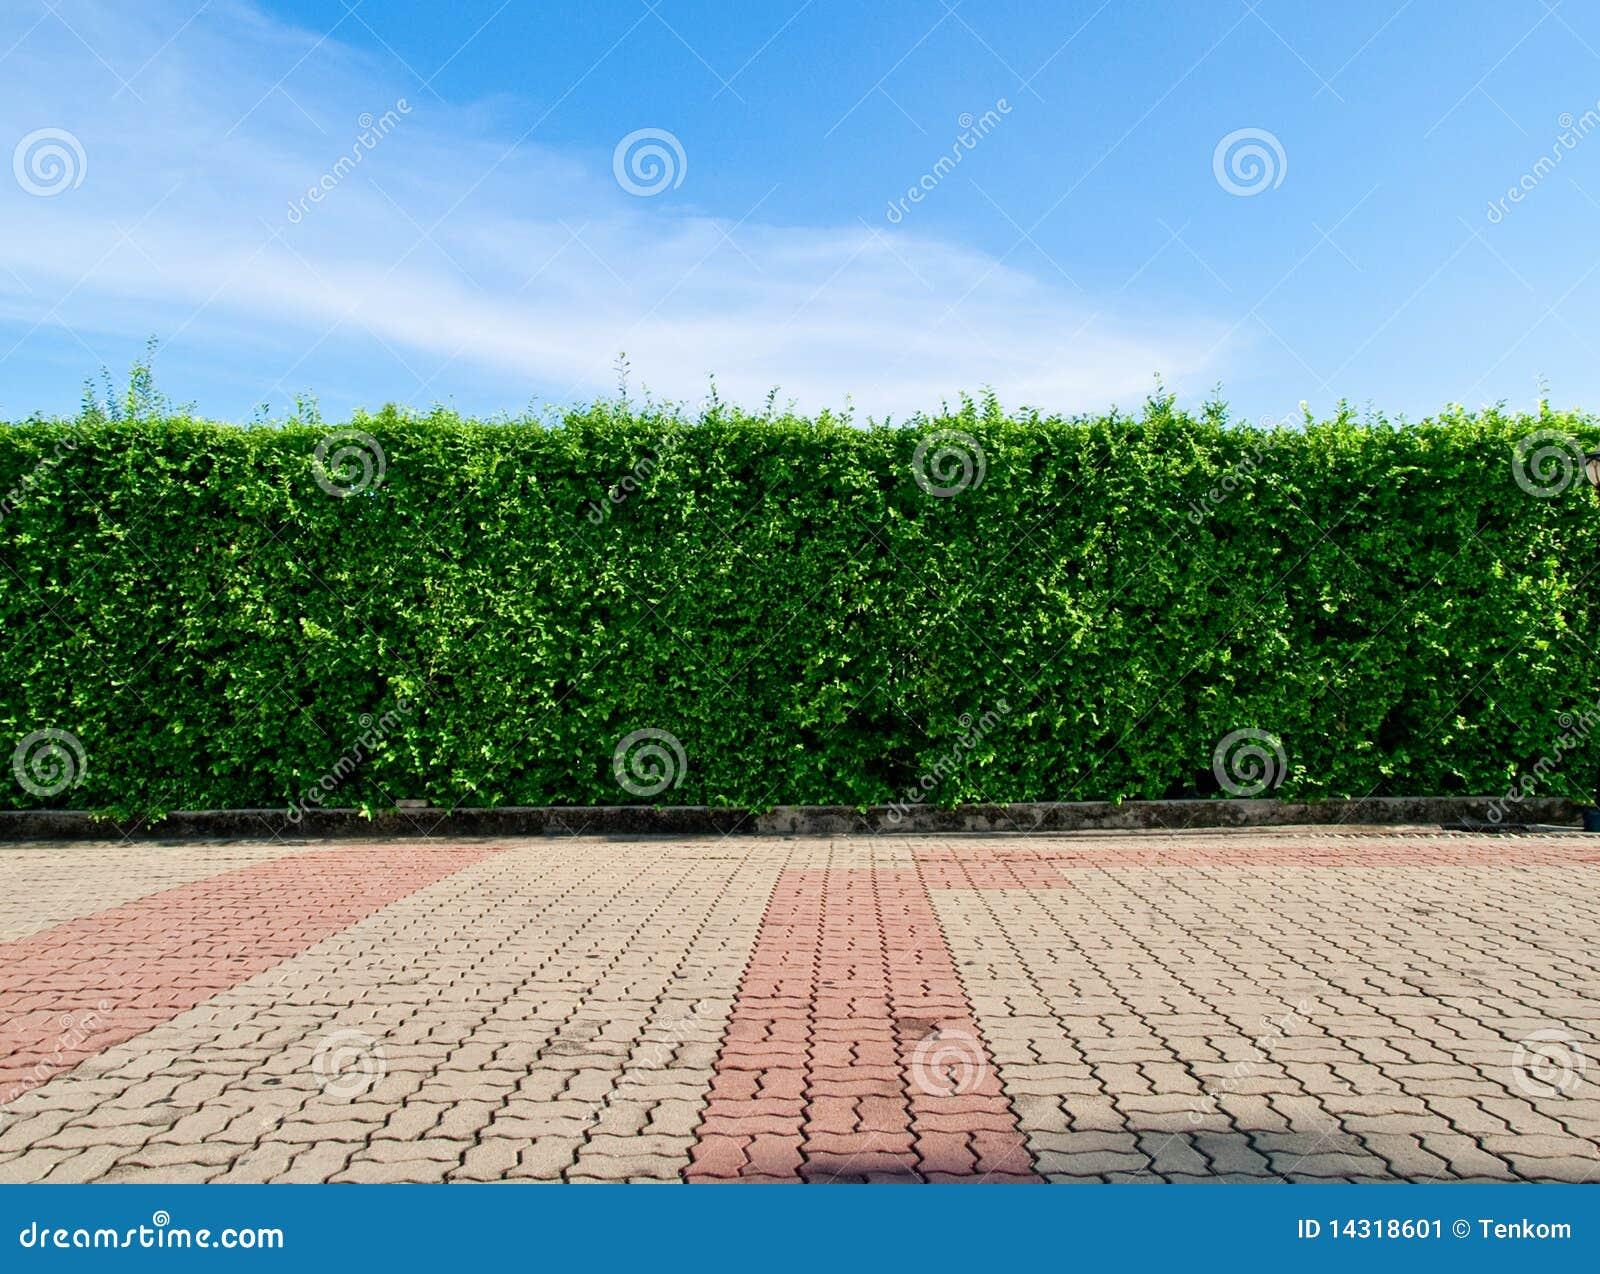 Grüner Zaun stockbild Bild von farbe blume betrieb